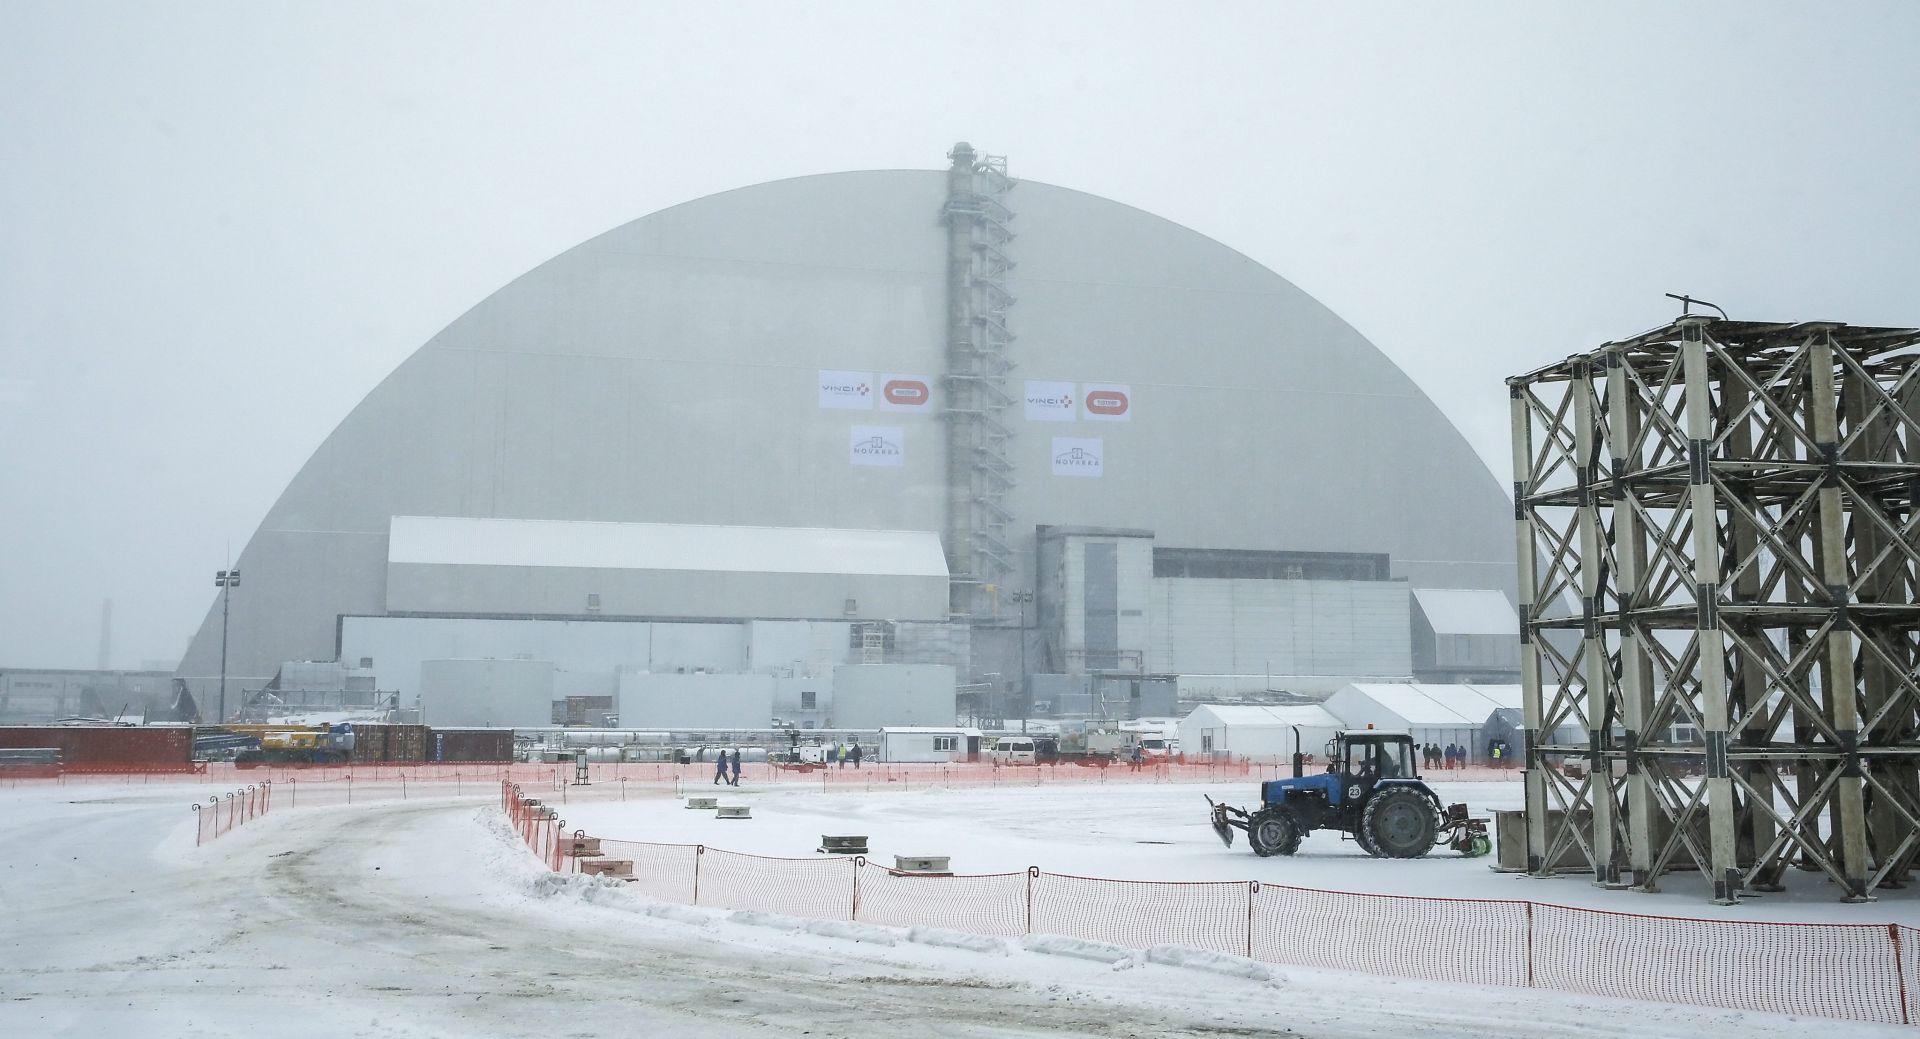 SEUL UPOZORAVA: Pjongjang ima dovoljno plutonija za deset nuklearnih bombi